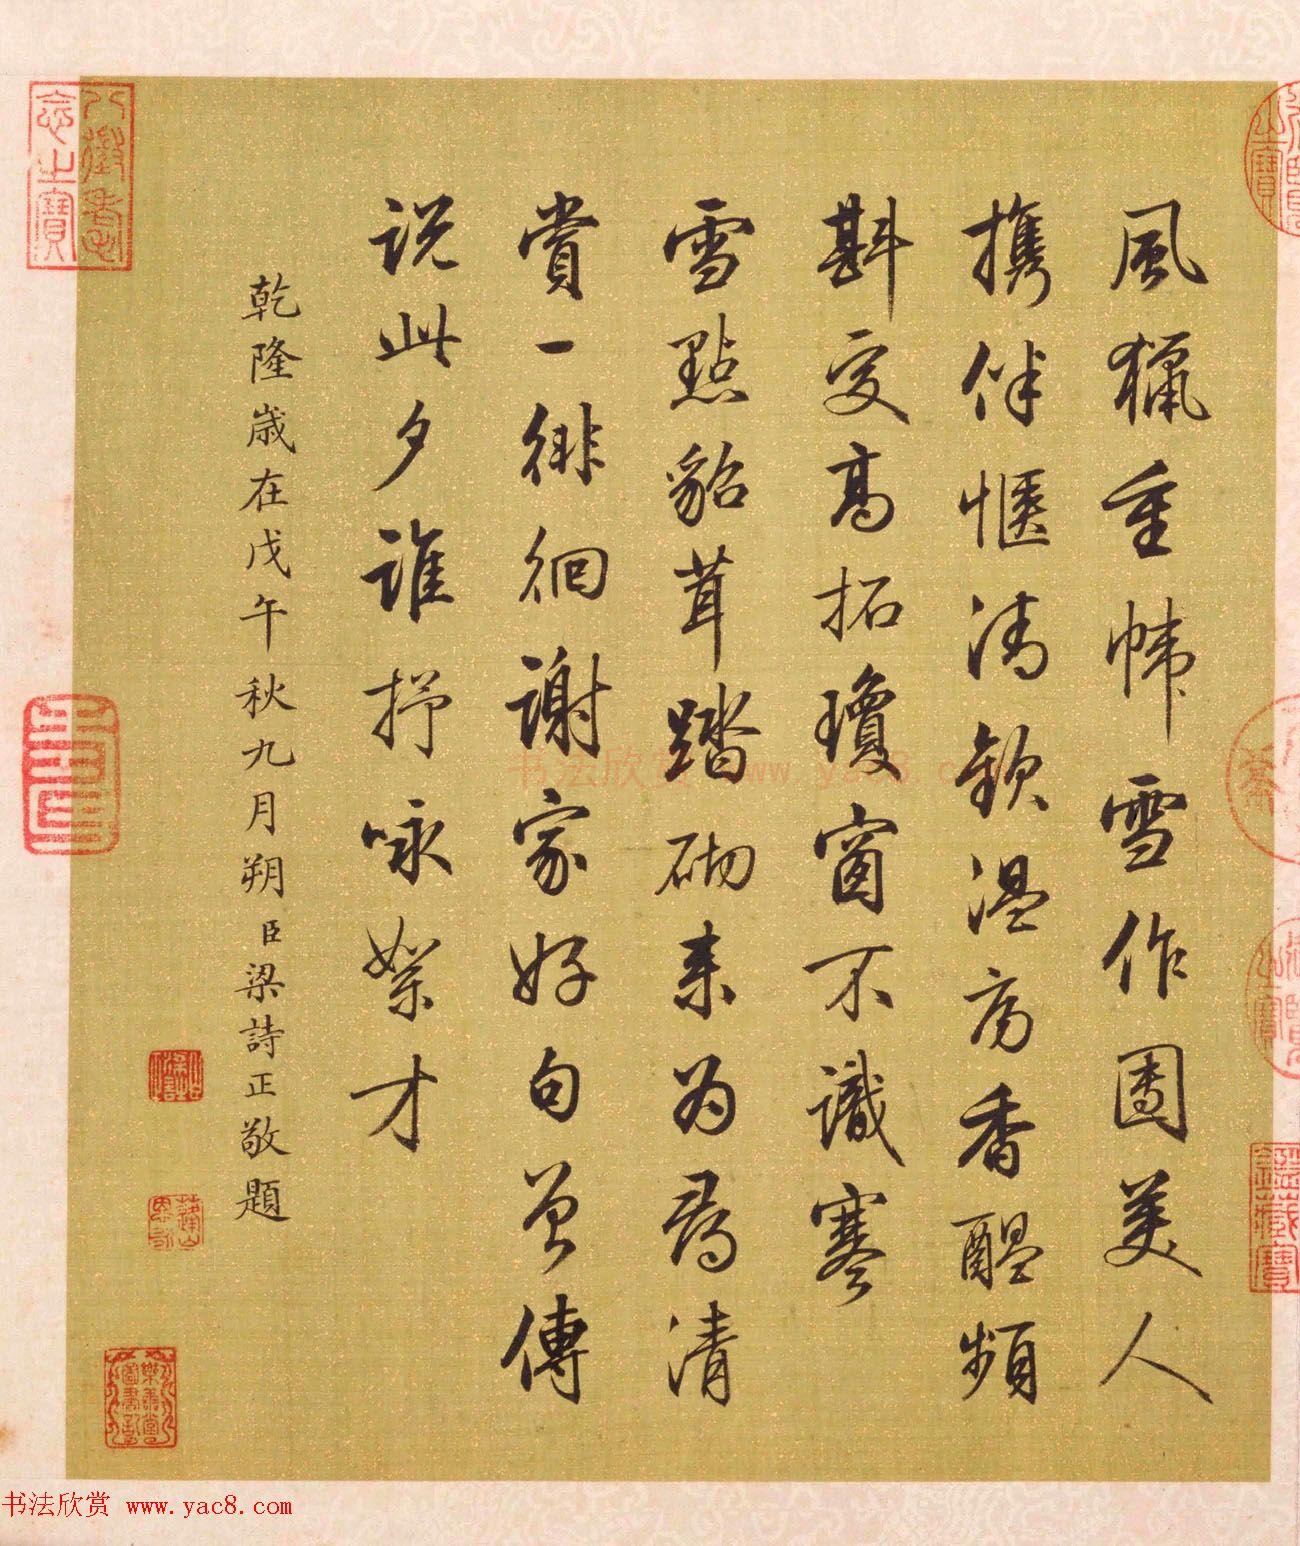 梁诗正题字陈枚绘画《月曼清游图册》,绢本设色,共十二对页,单页